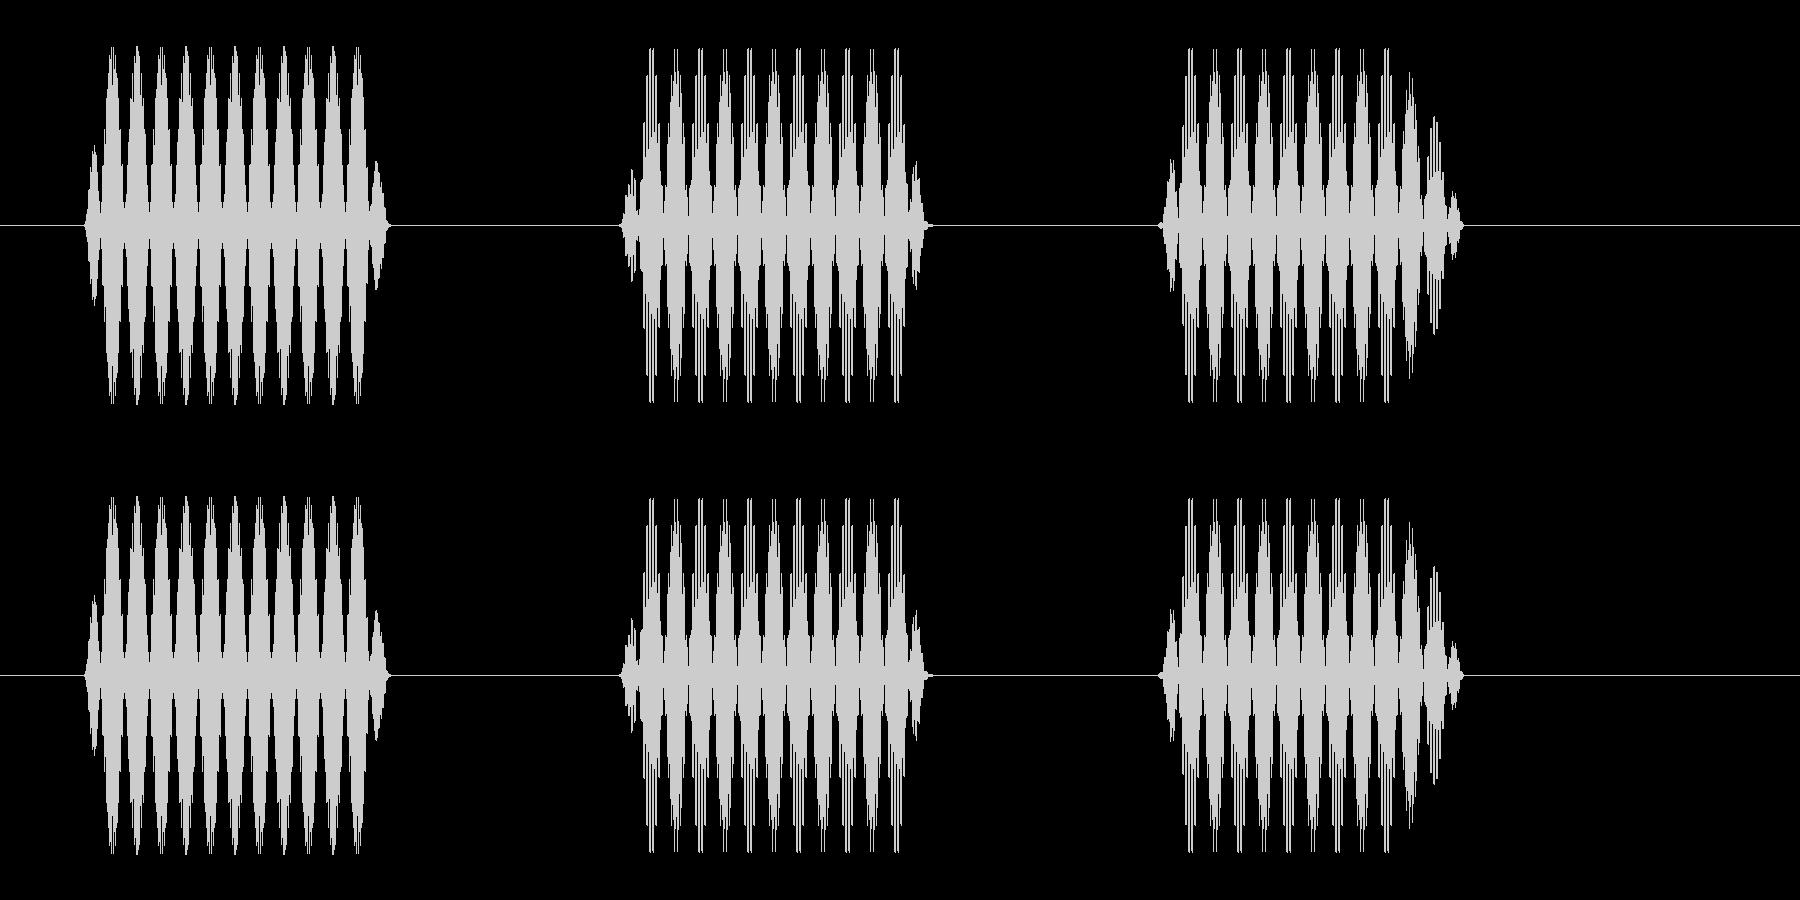 ピポポ(家電機器などの操作音)の未再生の波形